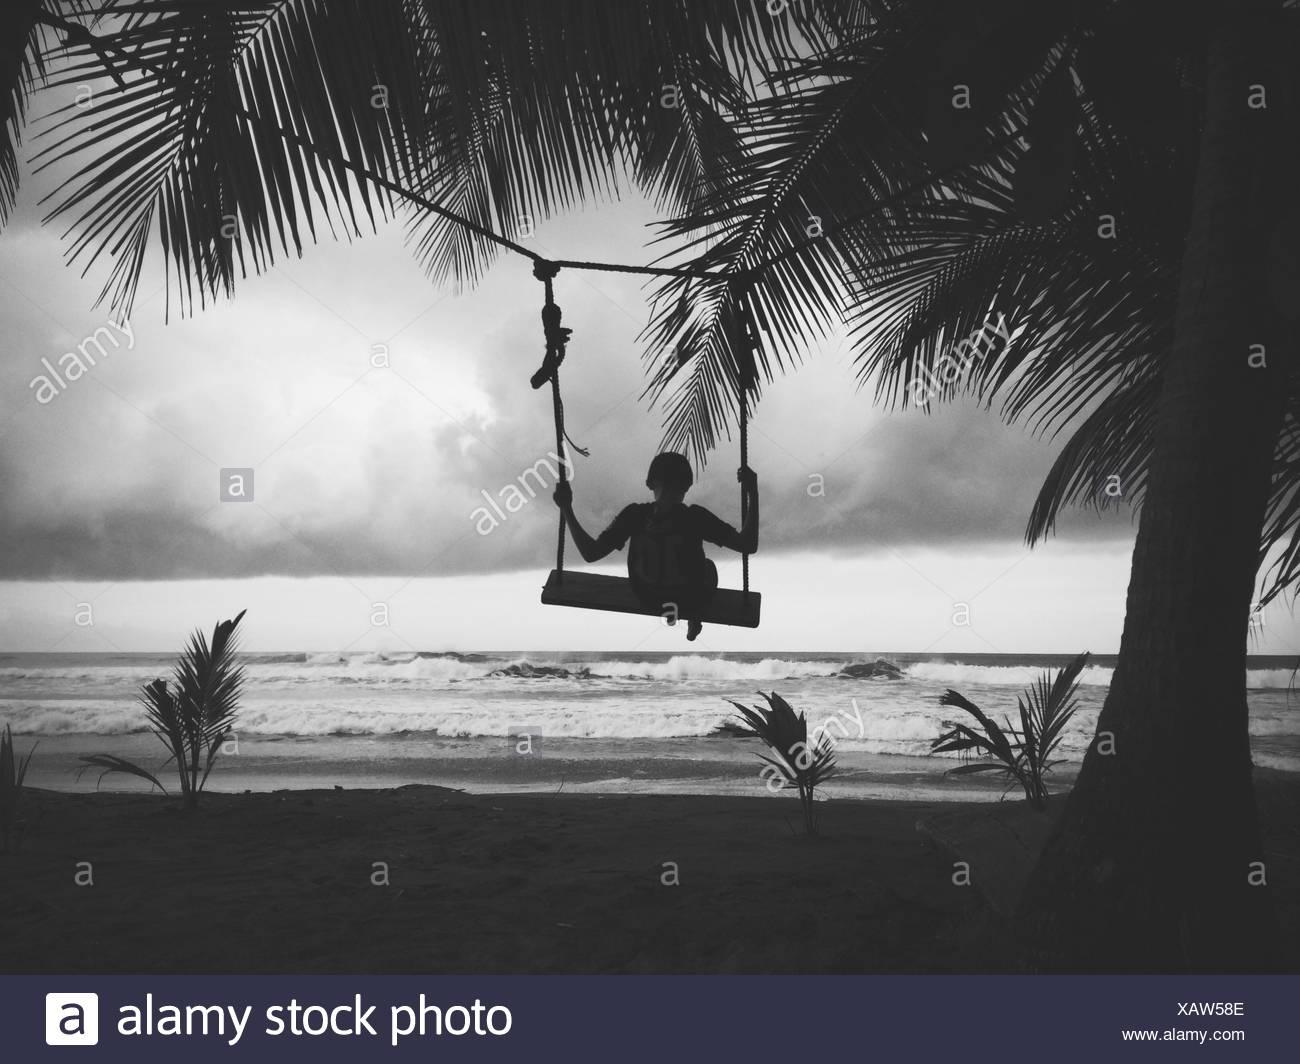 Silhouette der Junge sitzt auf einer Schaukel am Strand Stockbild